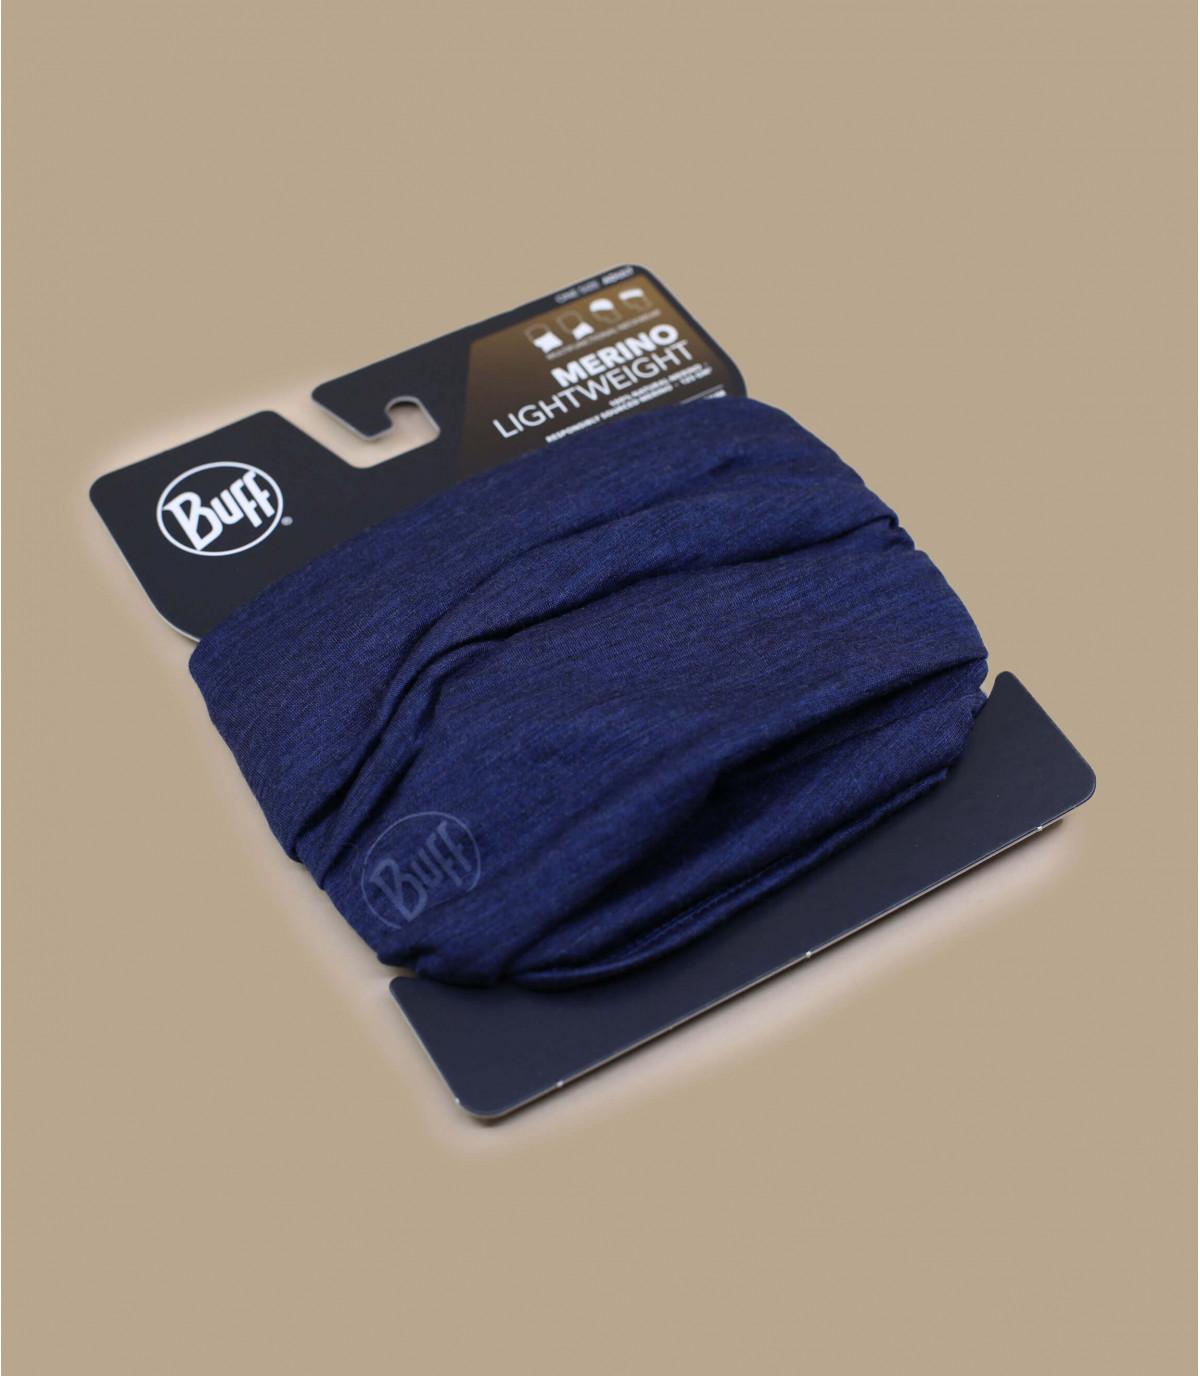 Details Lightweight Merino Wool solid denim - Abbildung 2